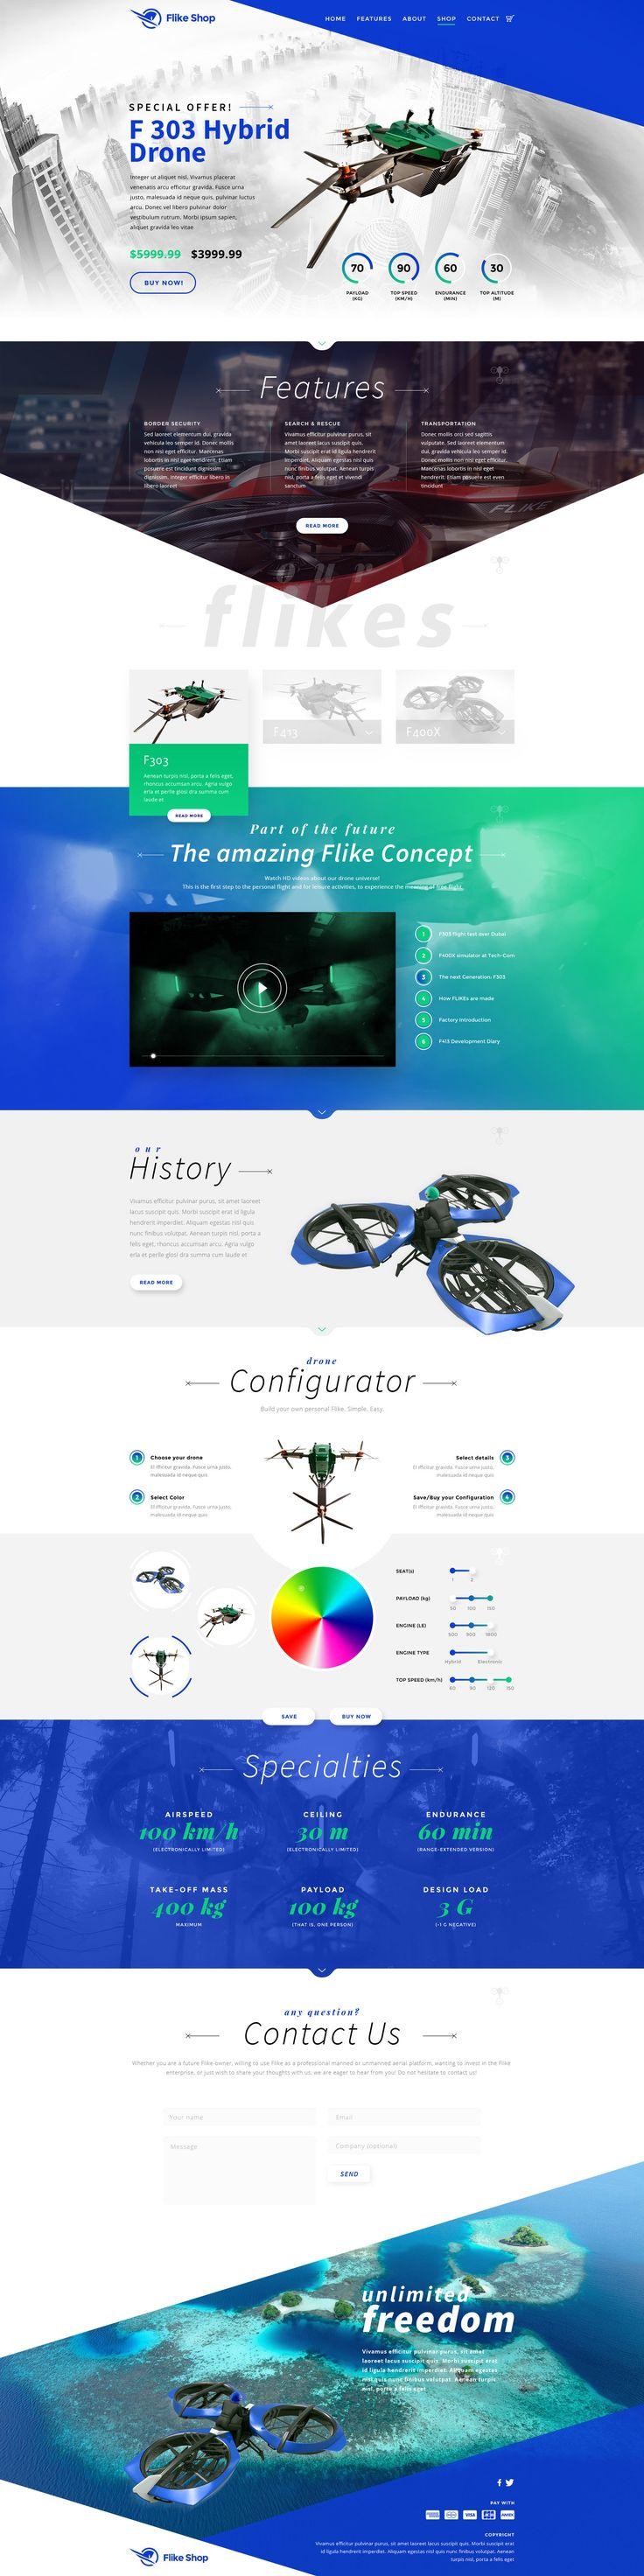 DroneShop by B3rko